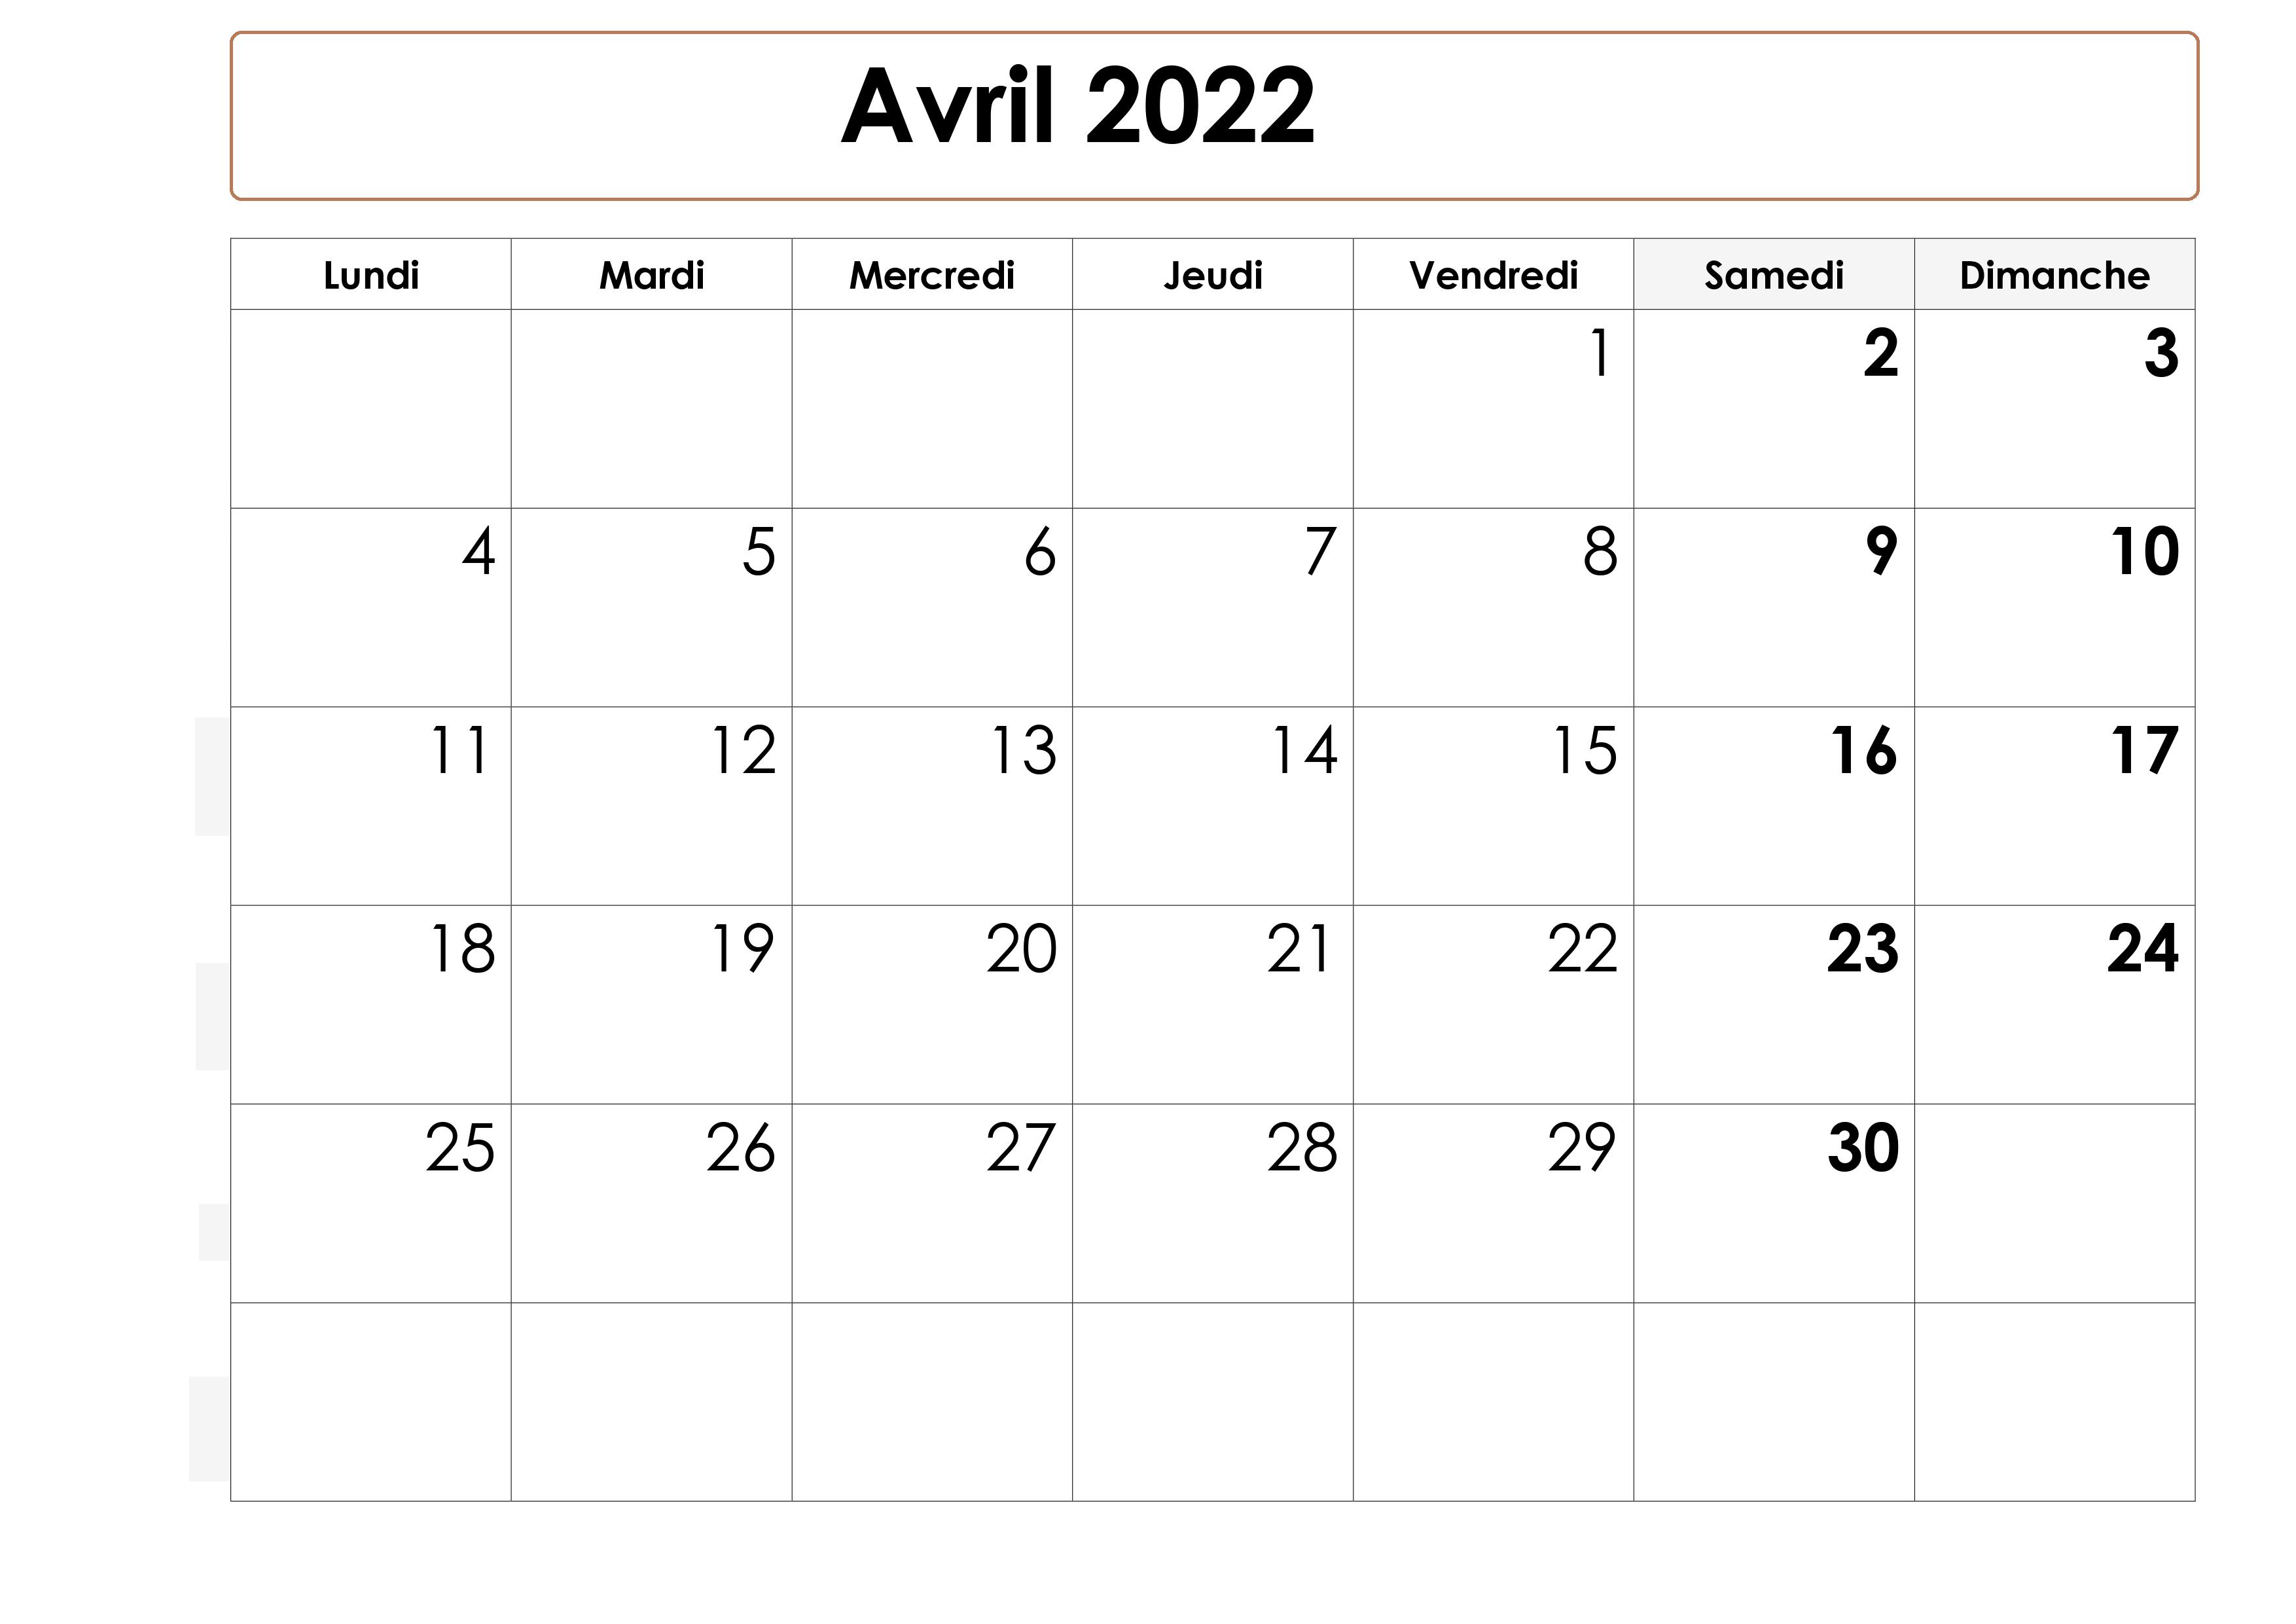 Calendrier Avril 2022 PDF